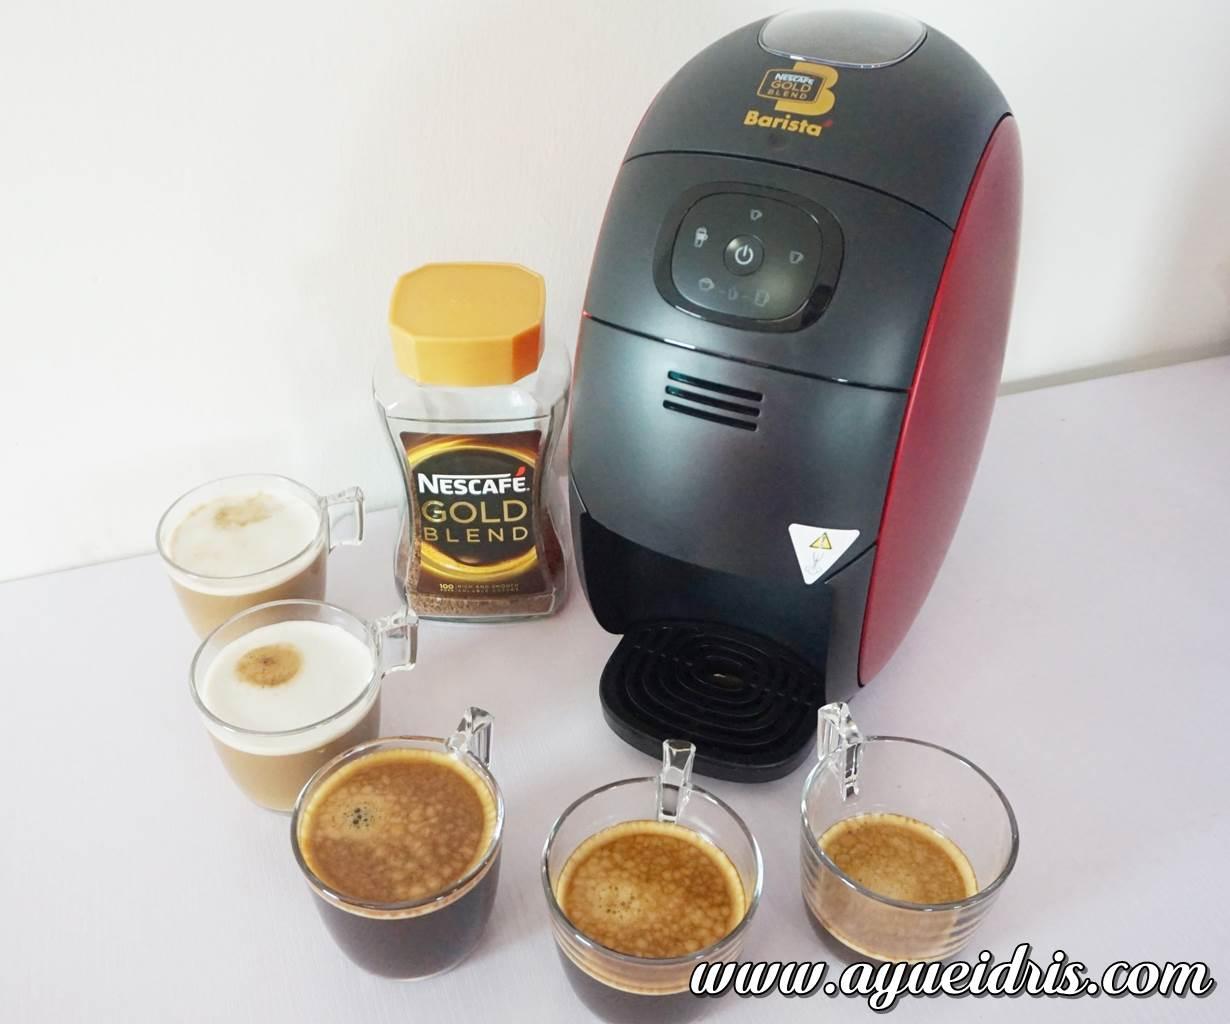 Nescafe Gold Barista Coffee Machine cara guna harga (37).JPG